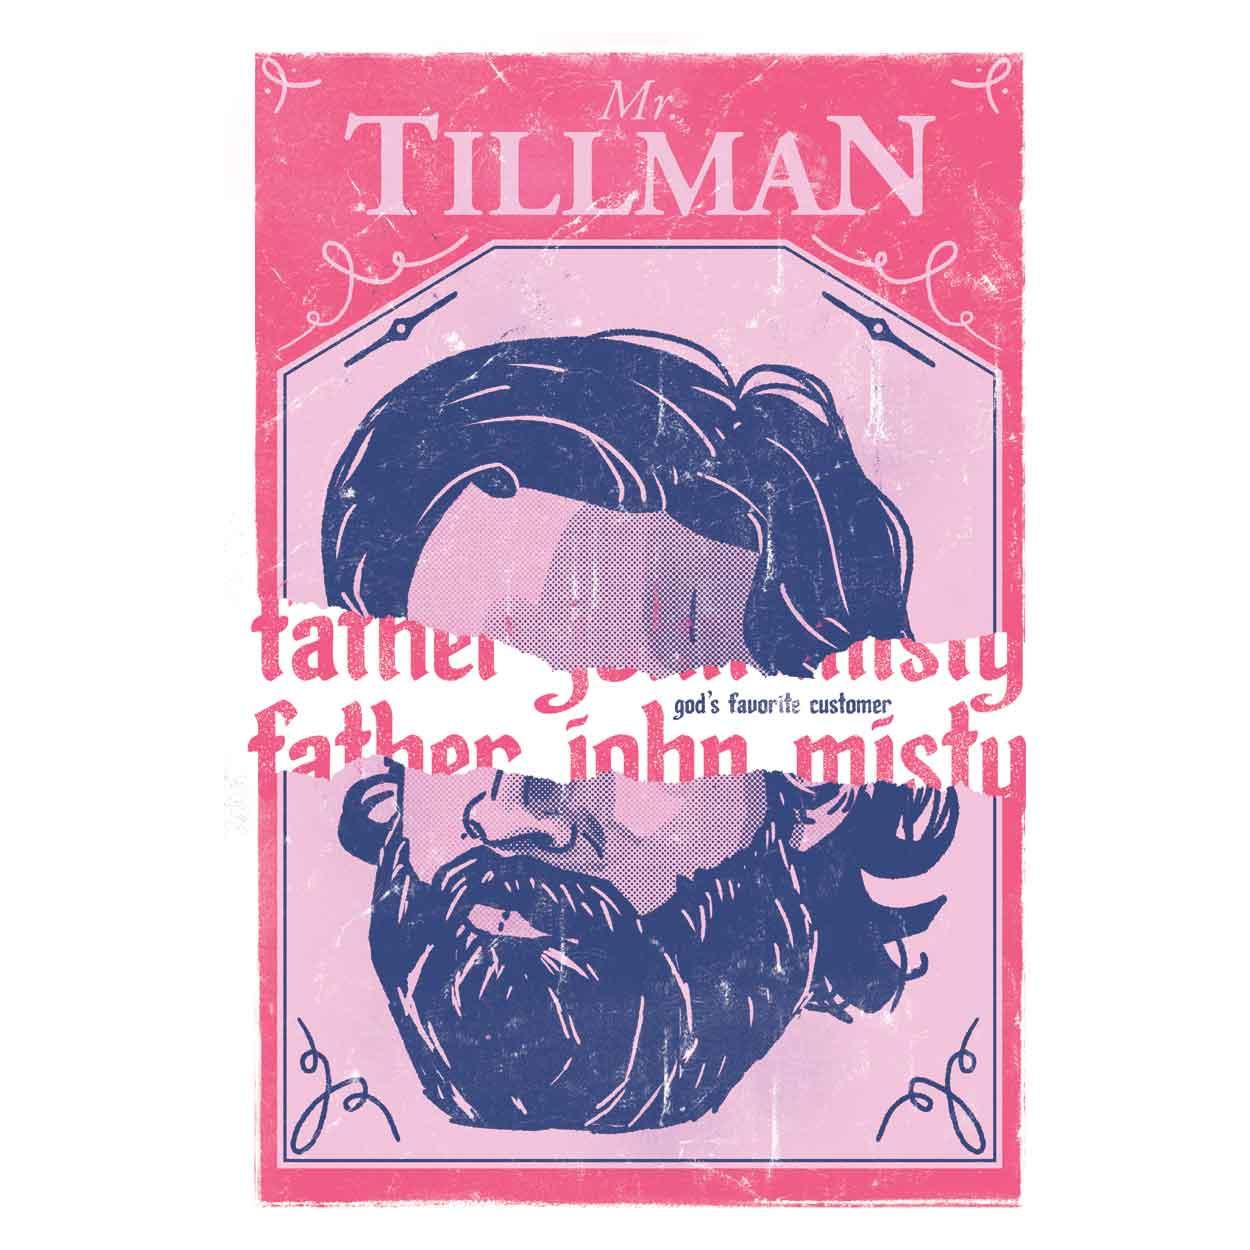 Camiseta - Father John Misty - Mr. Tillman  - Feminino